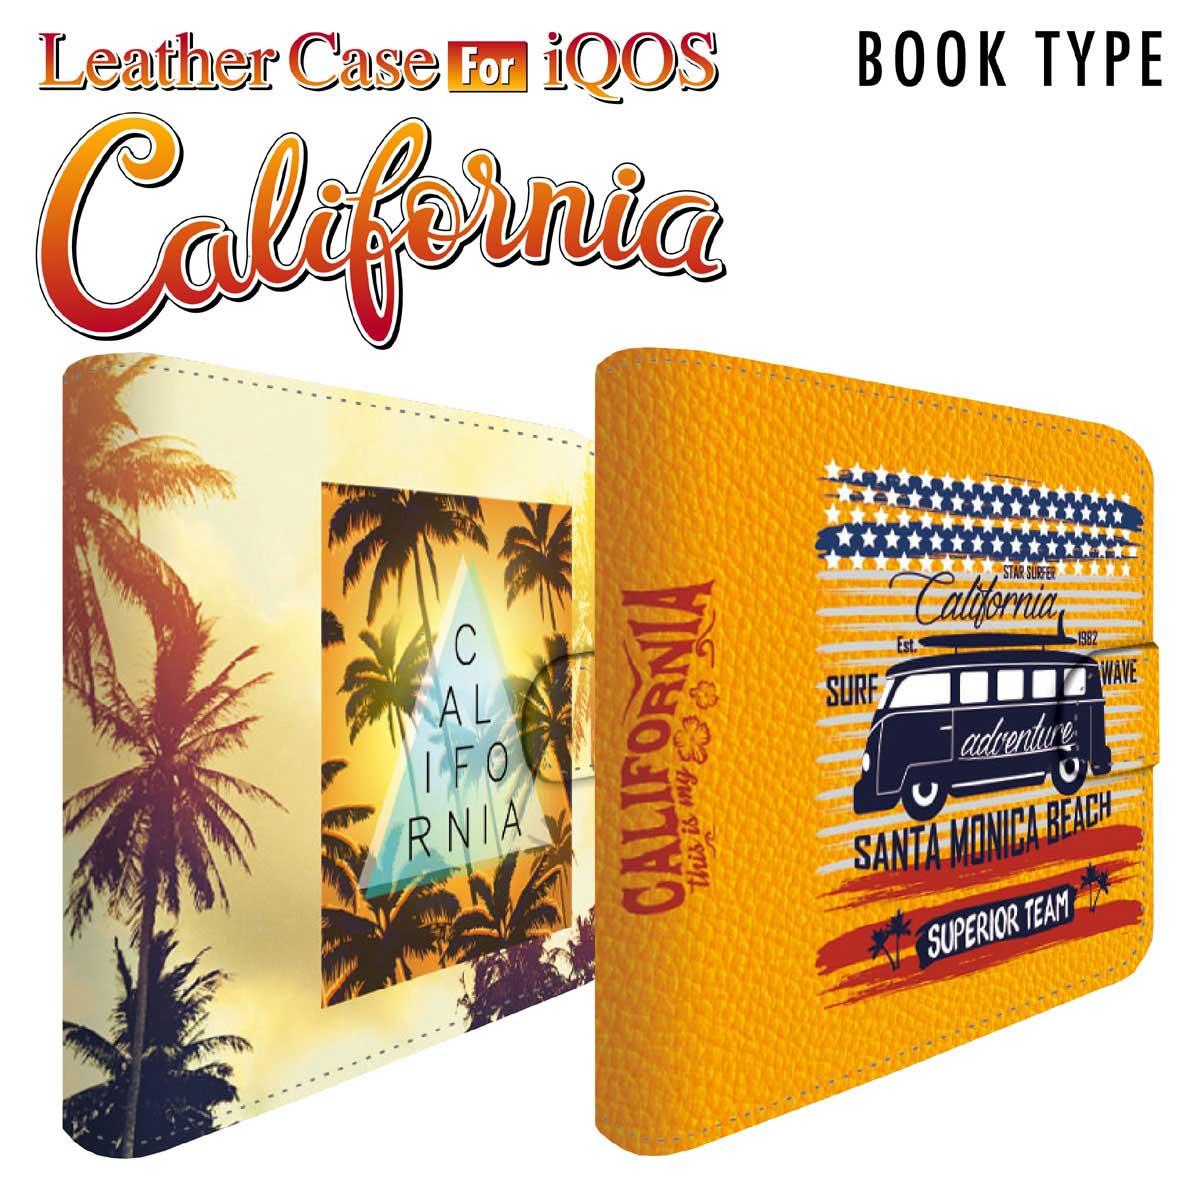 アイコスケース iQOS アイコス 専用 ケース カバー 合皮 レザー ケース ストラップ付 クリーナー ヒートスティック 収納 iCOSケース アイコスカバー iCOSカバー シンプル おしゃれ 革 人気 便利 電子たばこ カリフォルニア iq04-ds007